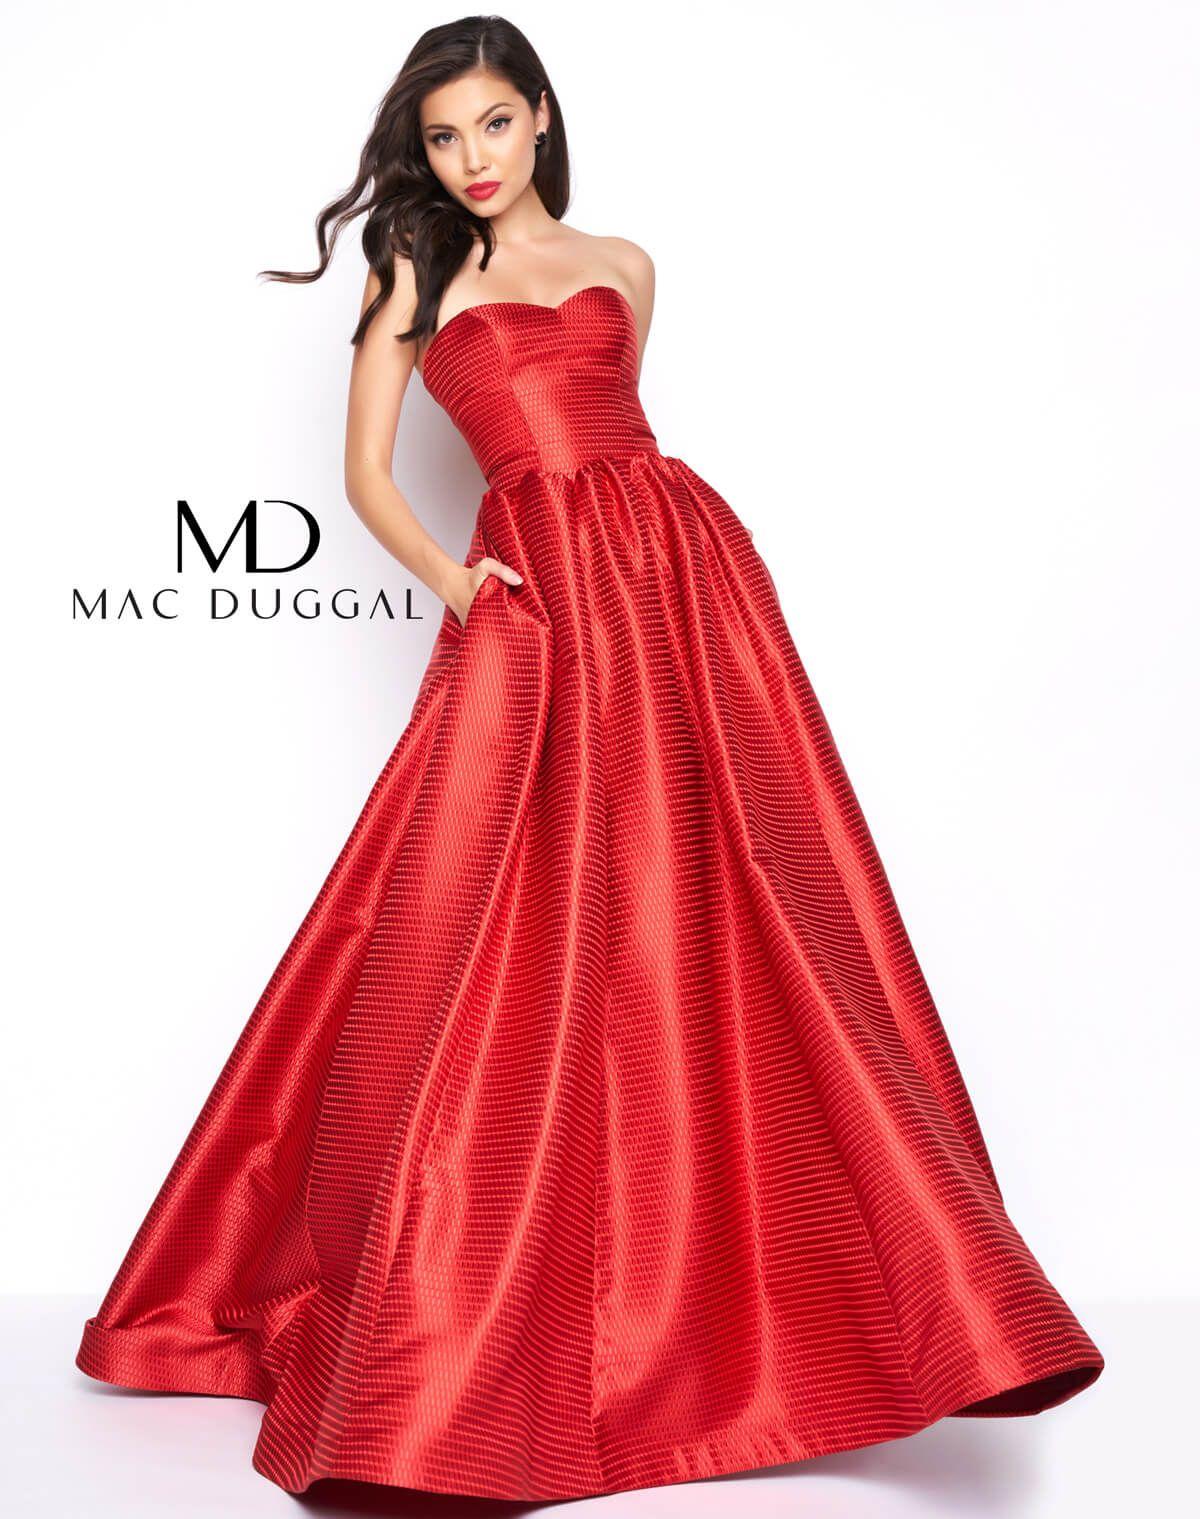 Redpcg bridesmaids red pinterest ball